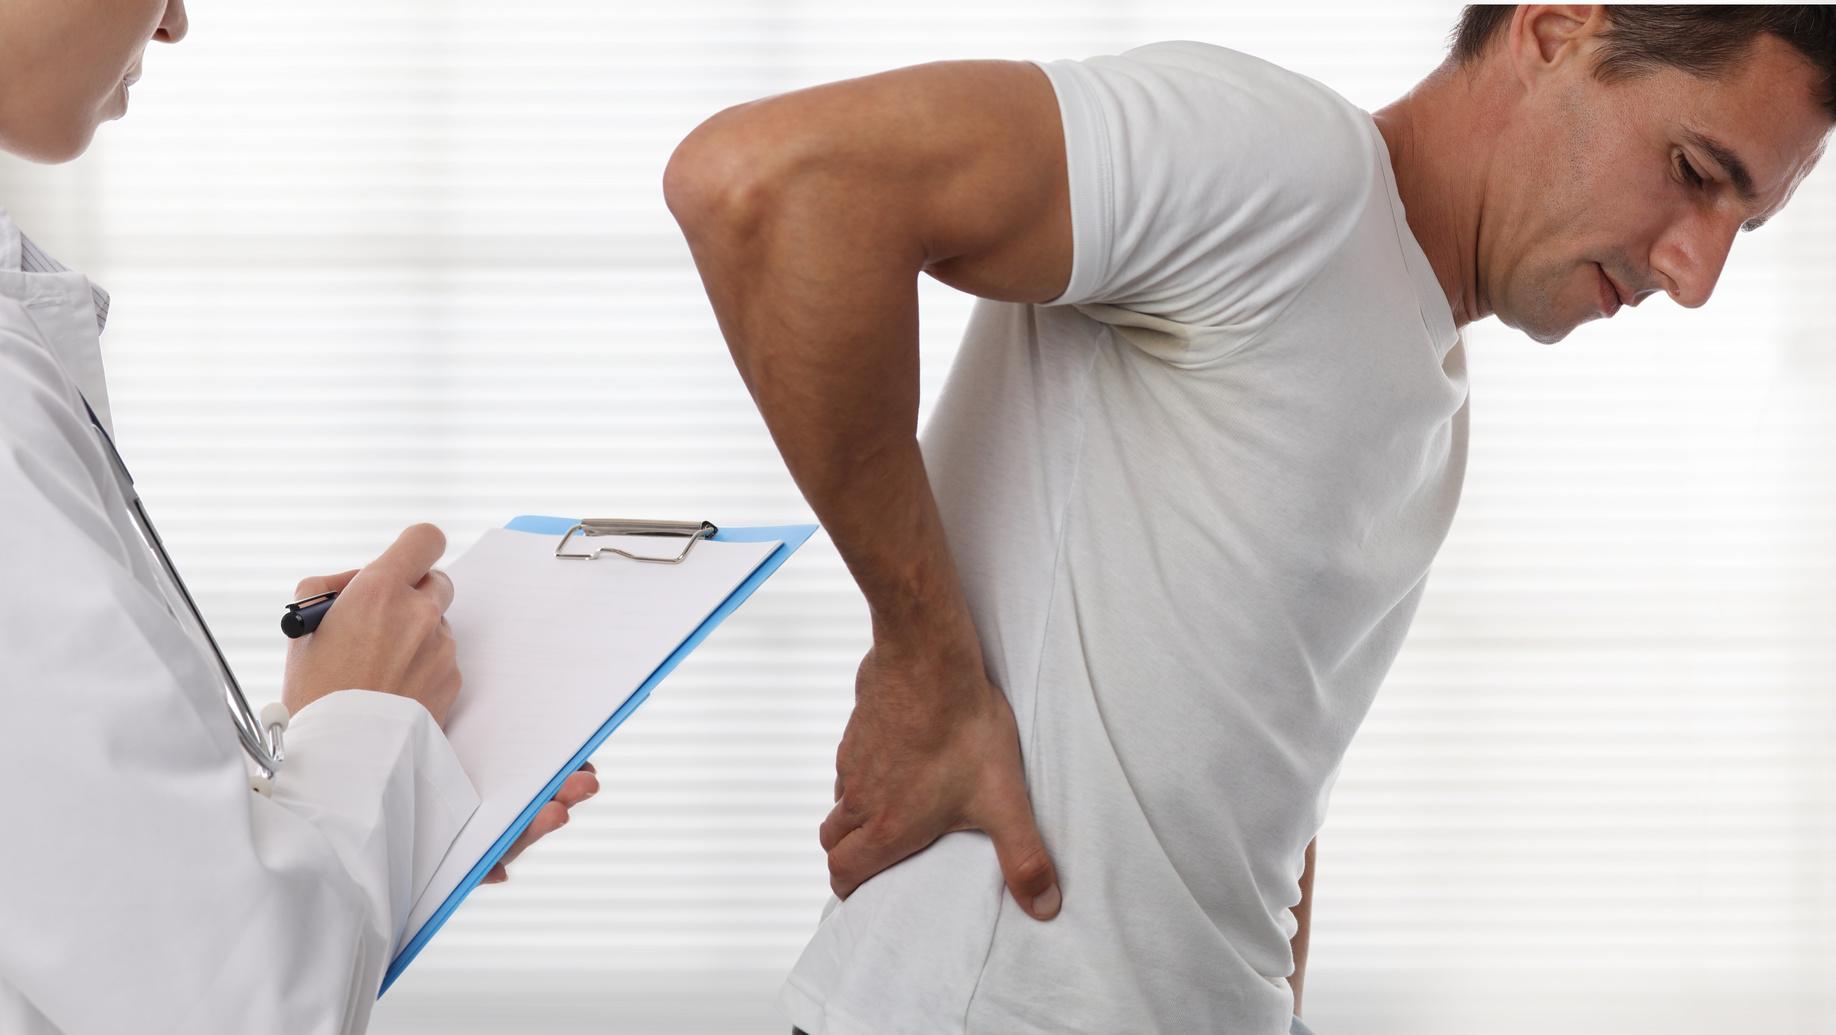 Mann fasst während einer ärztlichen Untersuchung mit einer Hand an seinen schmerzenden Rücken